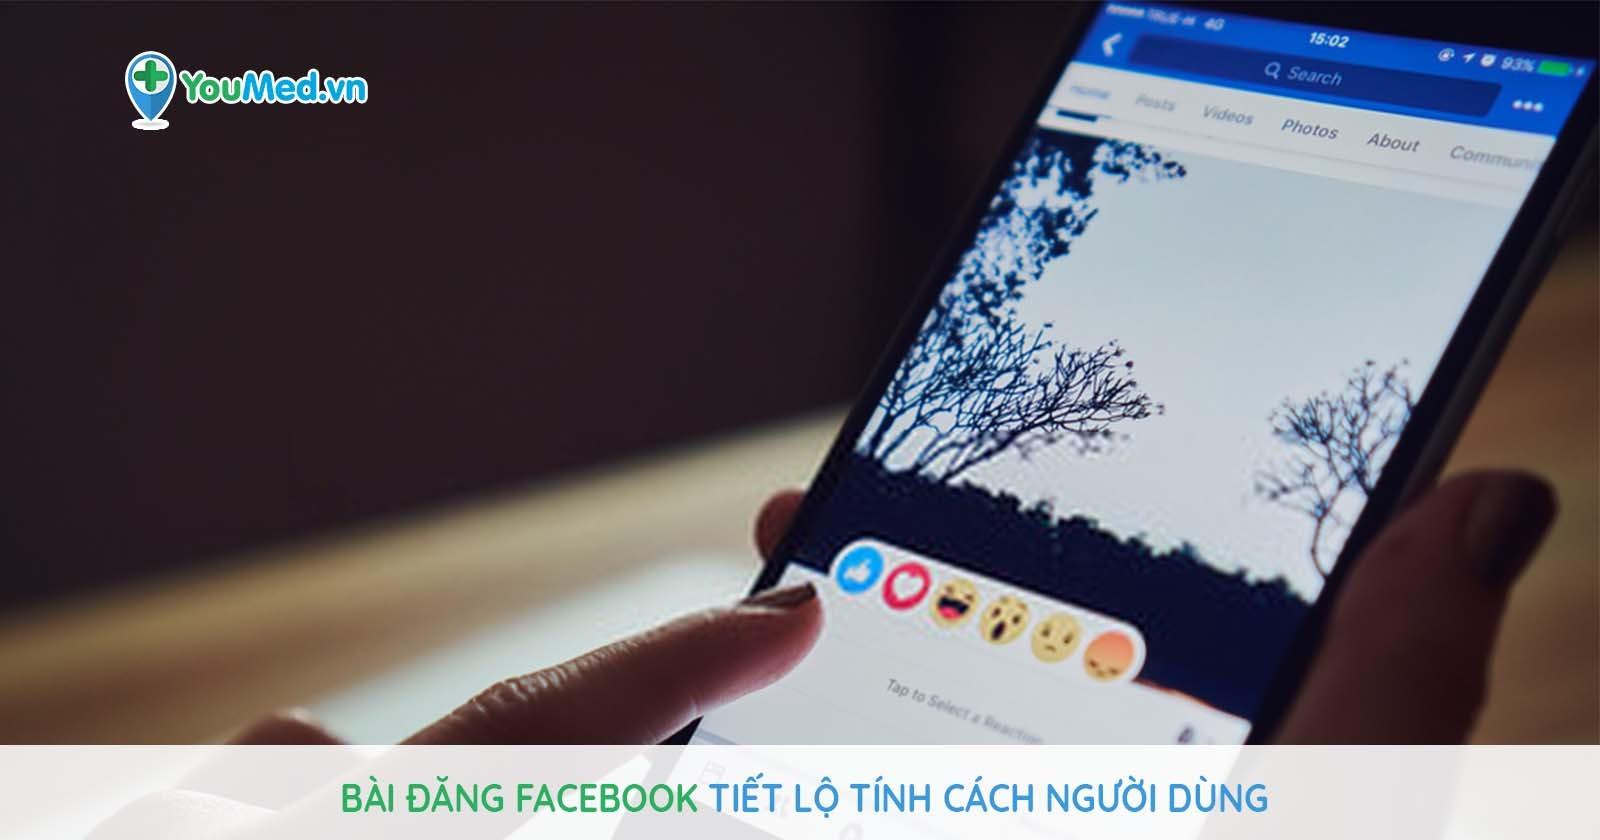 Bạn có biết: Các bài đăng Facebook tiết lộ phần lớn tính cách người dùng!